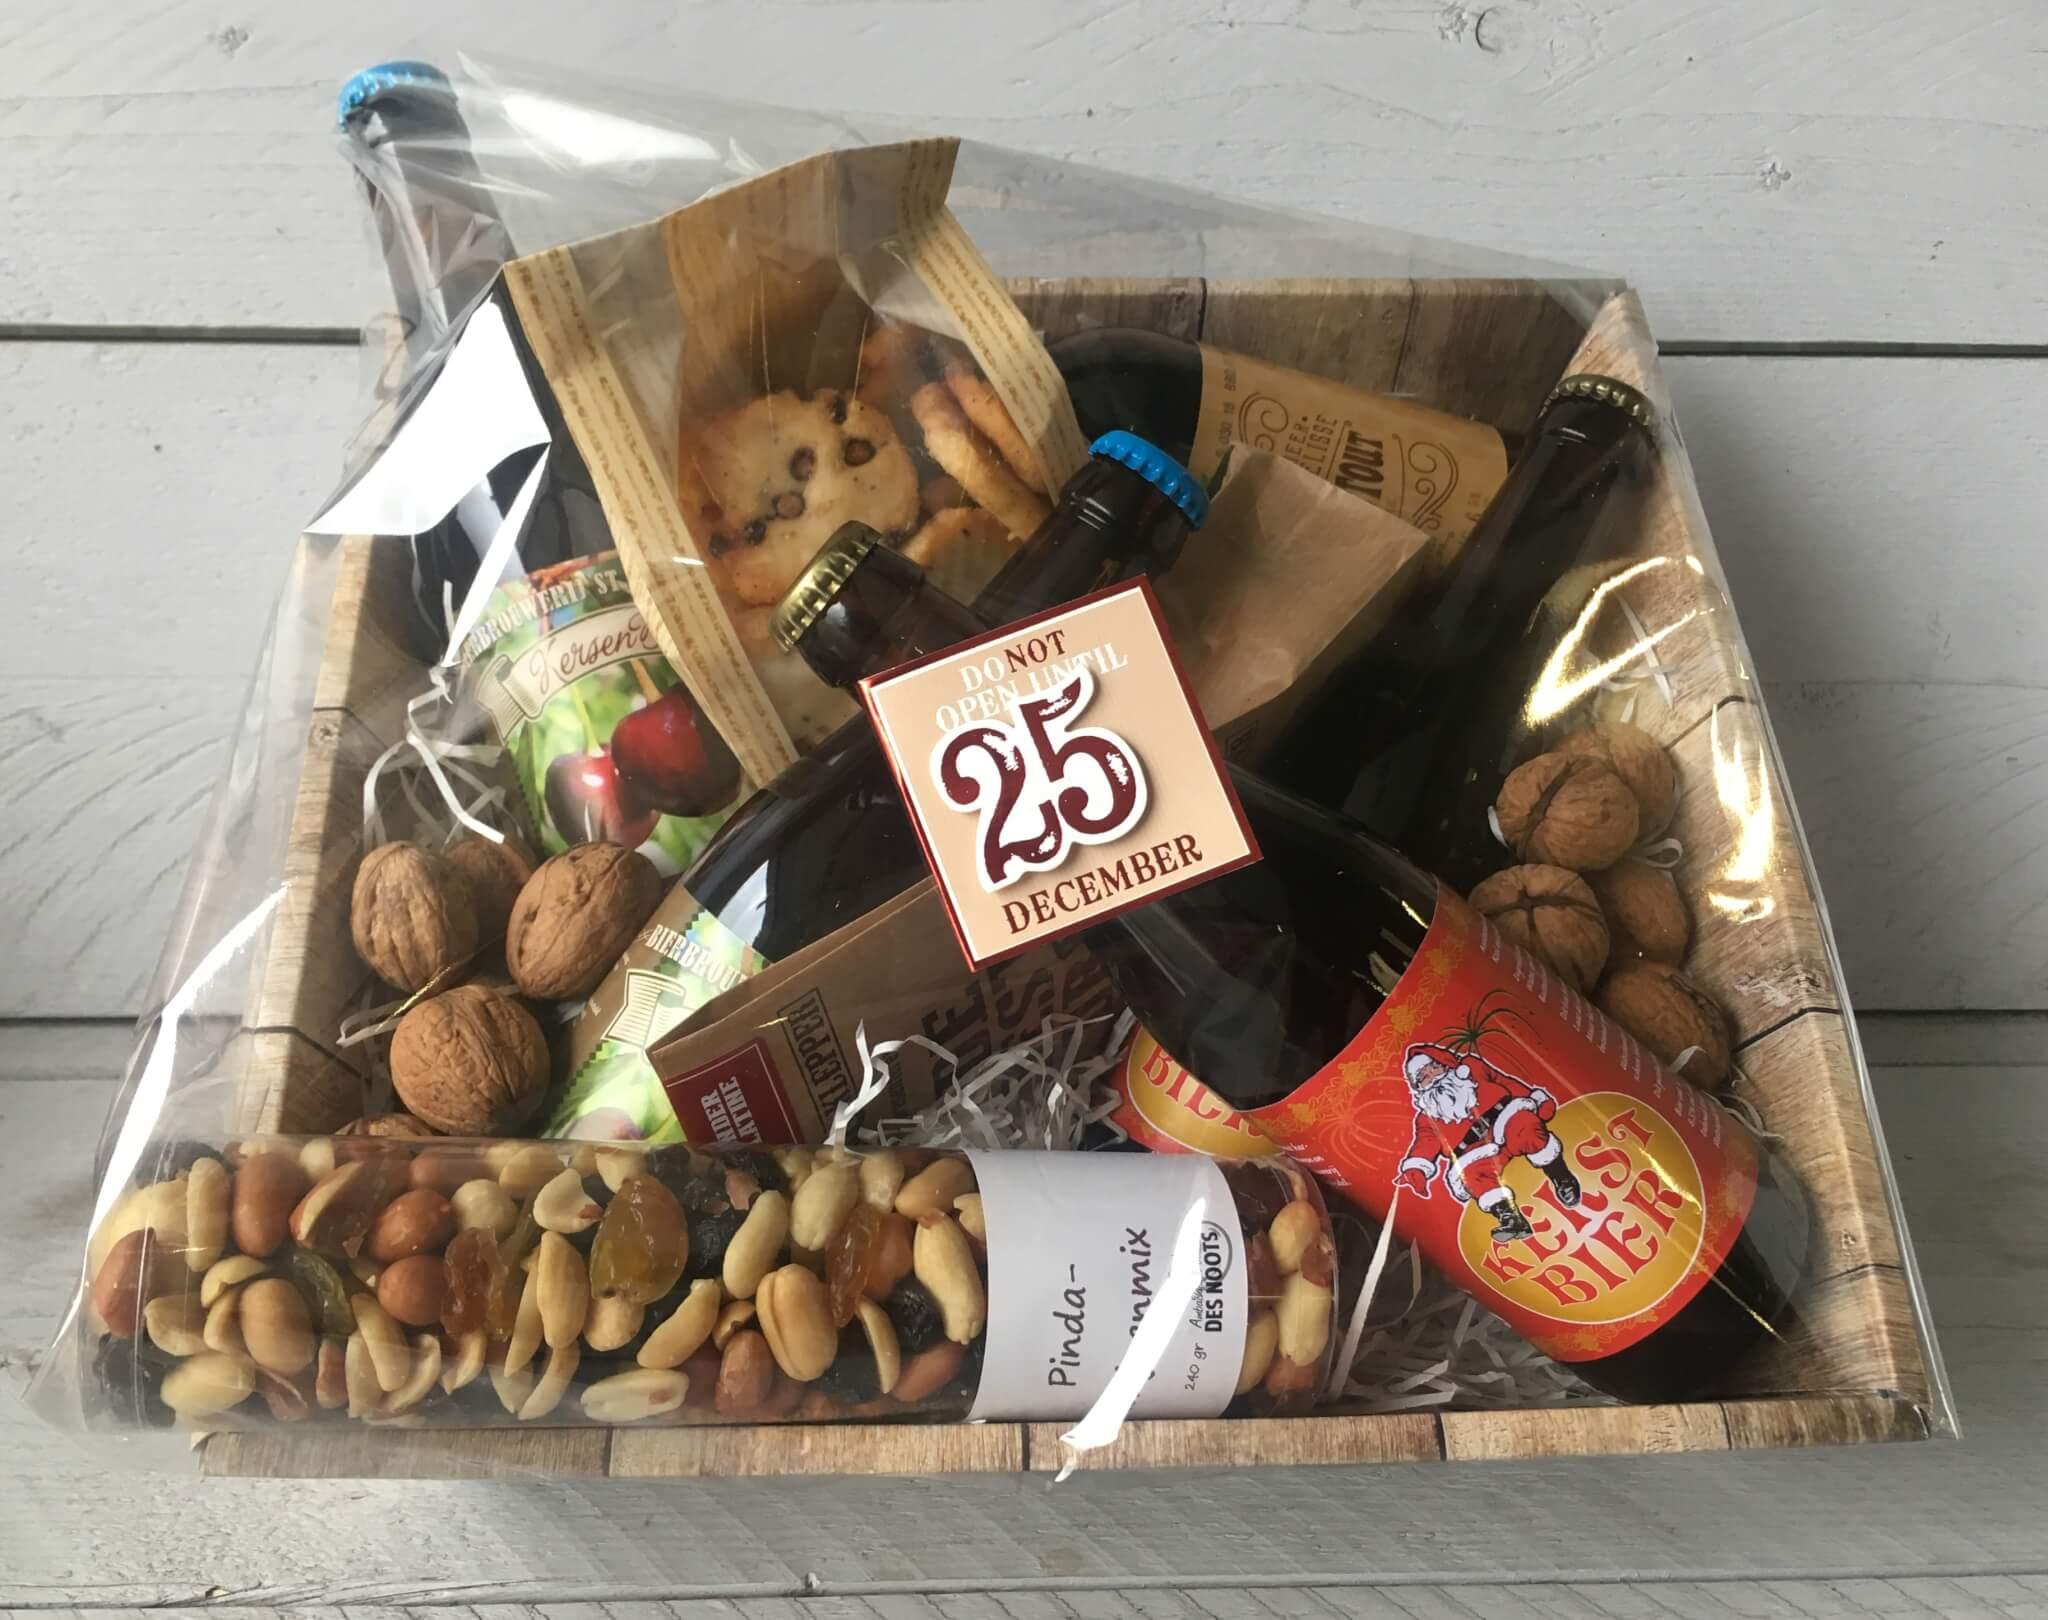 Fruitbedrijf Van den Berge kers(t)bierpakket